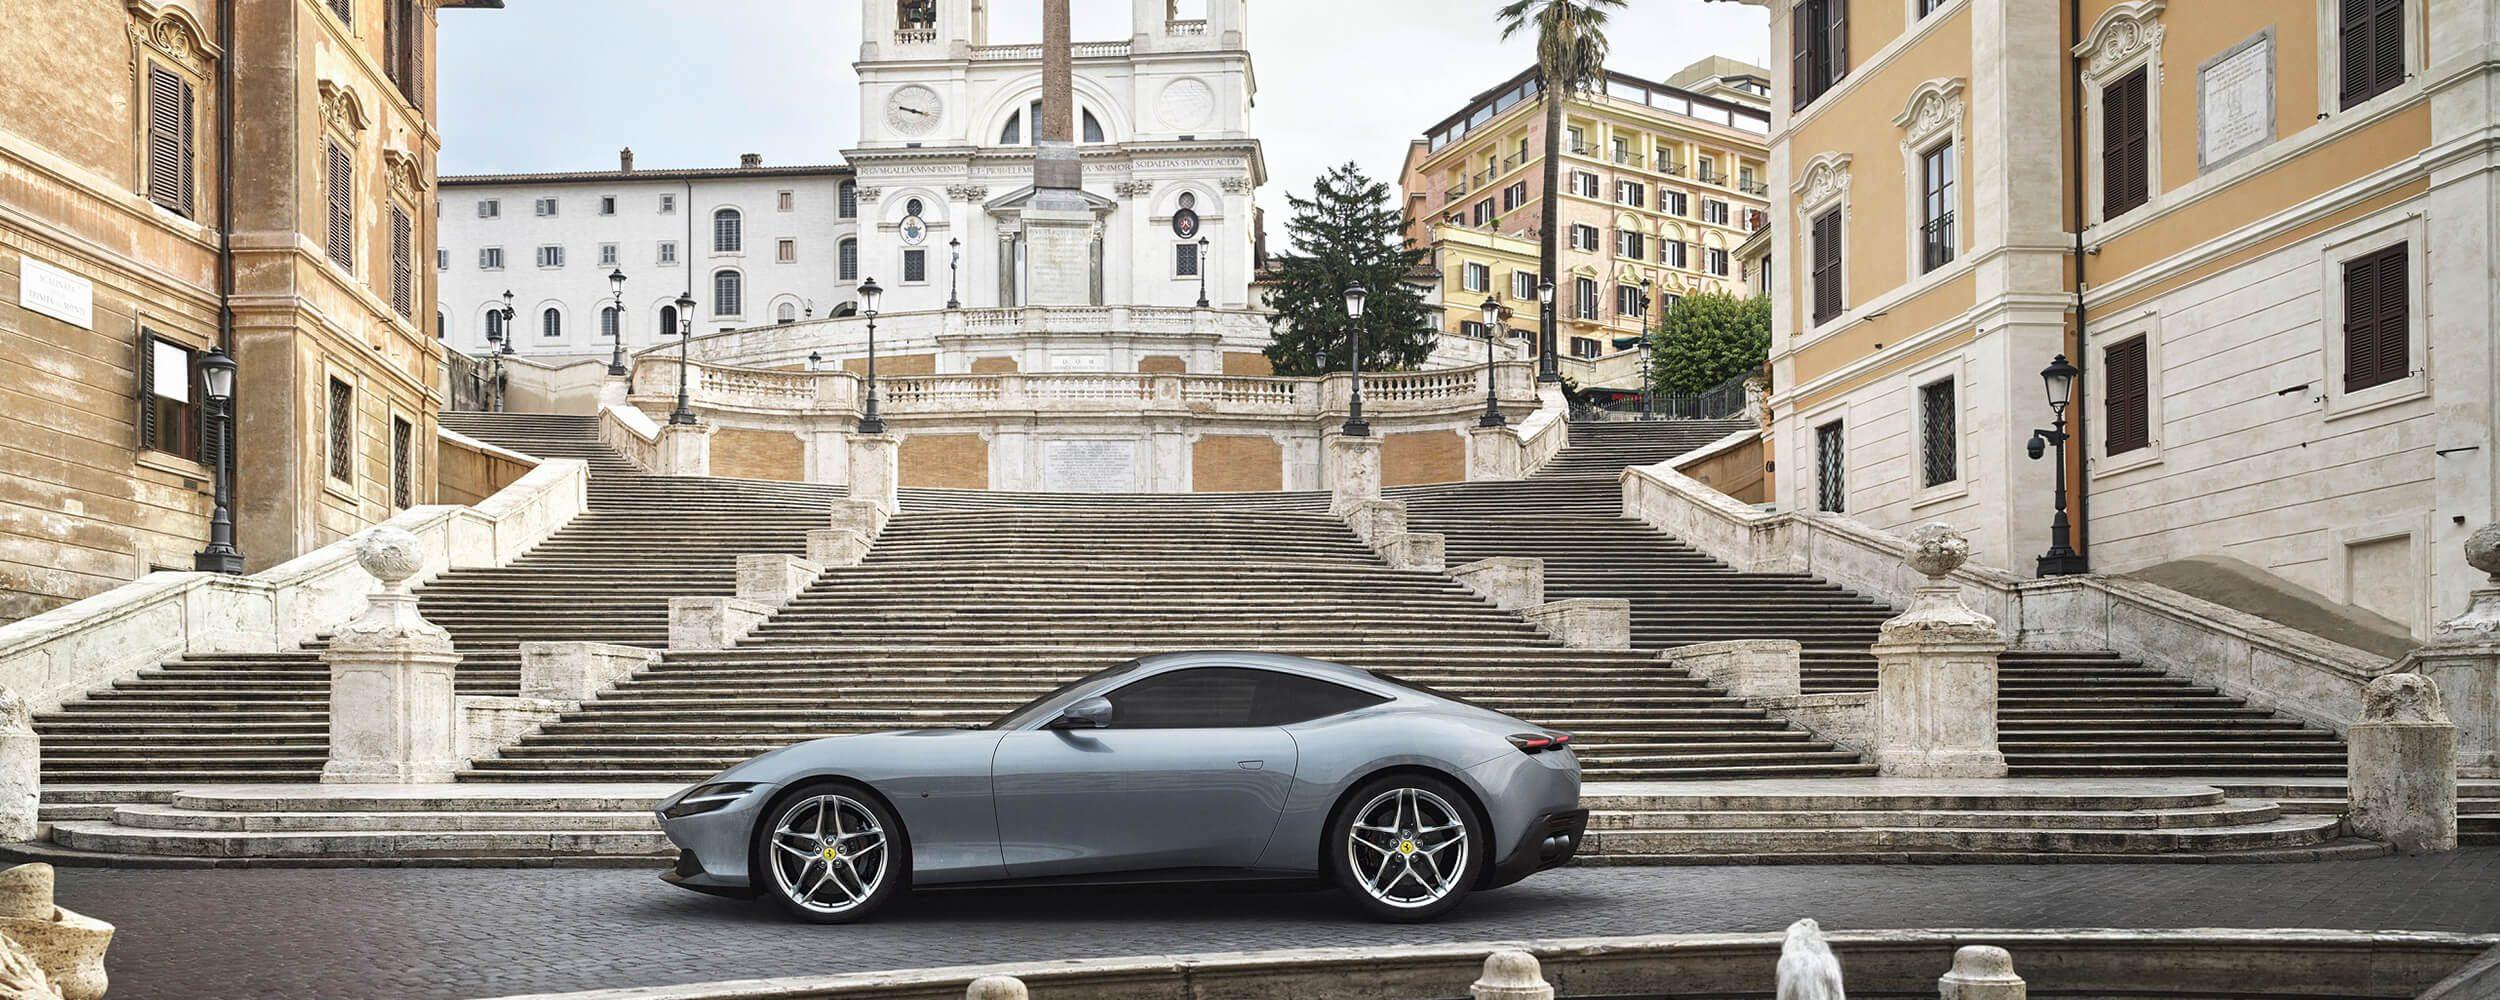 Ferrari grey